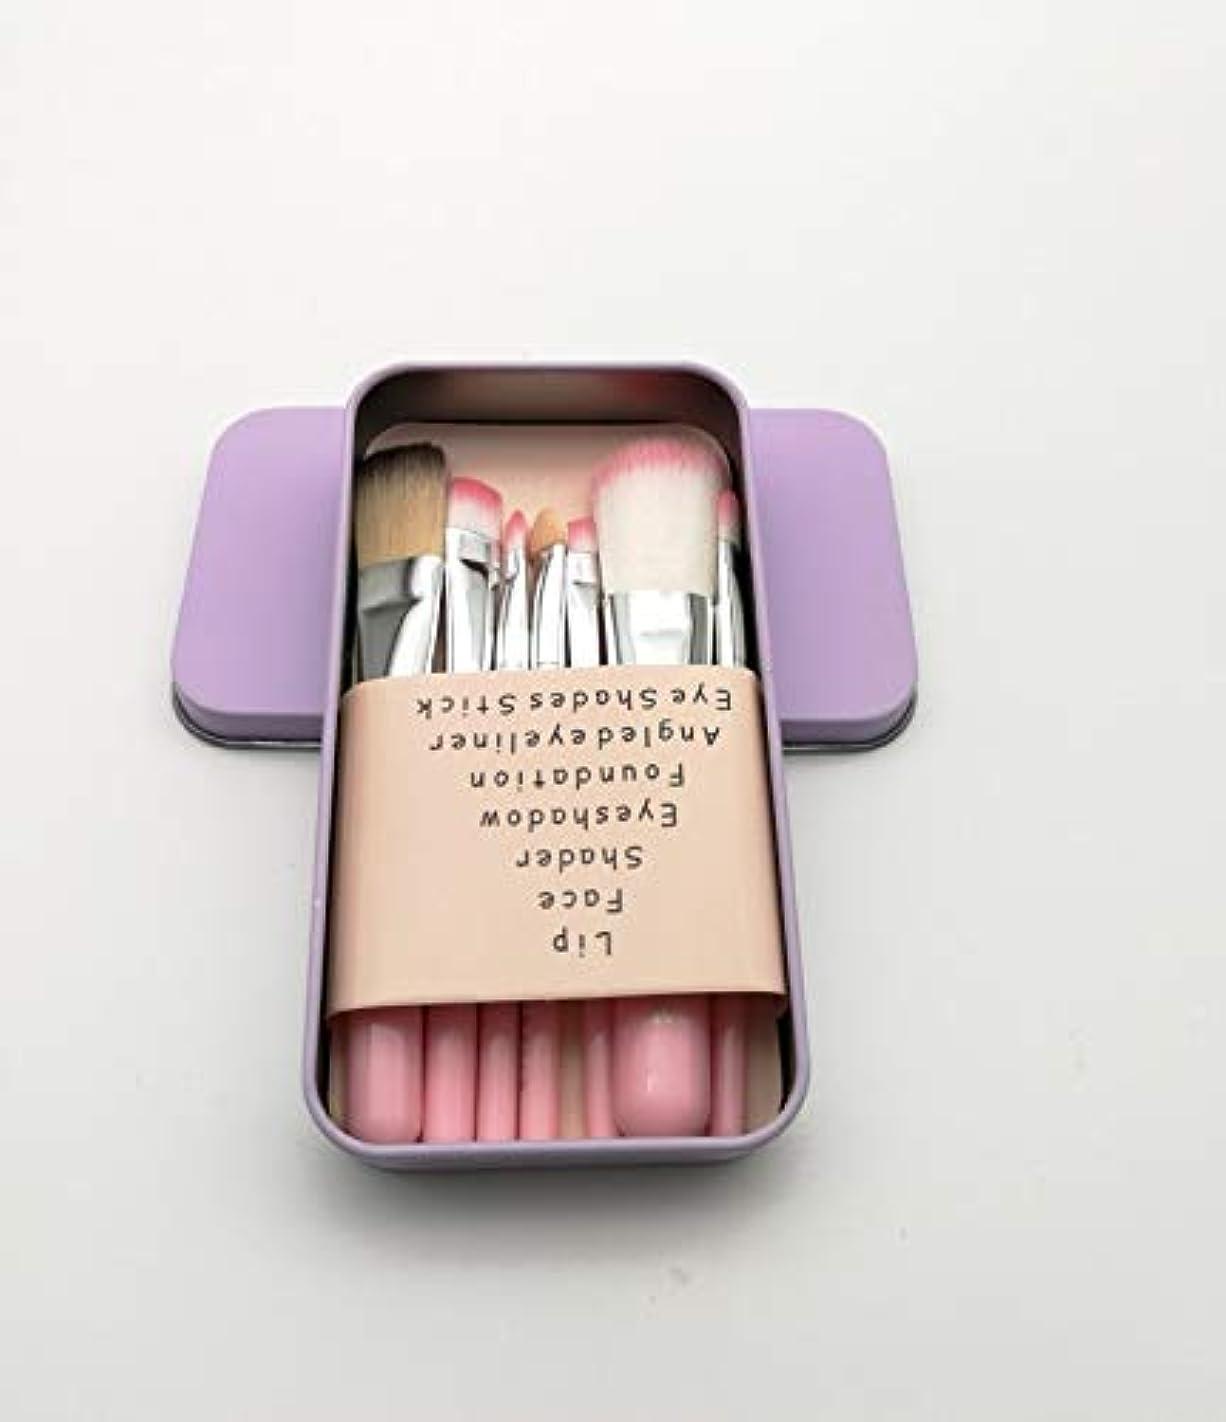 上がる雪偽善者化粧ブラシセット、ピンク7化粧ブラシ化粧ブラシセットアイシャドウブラシリップブラシ美容化粧道具